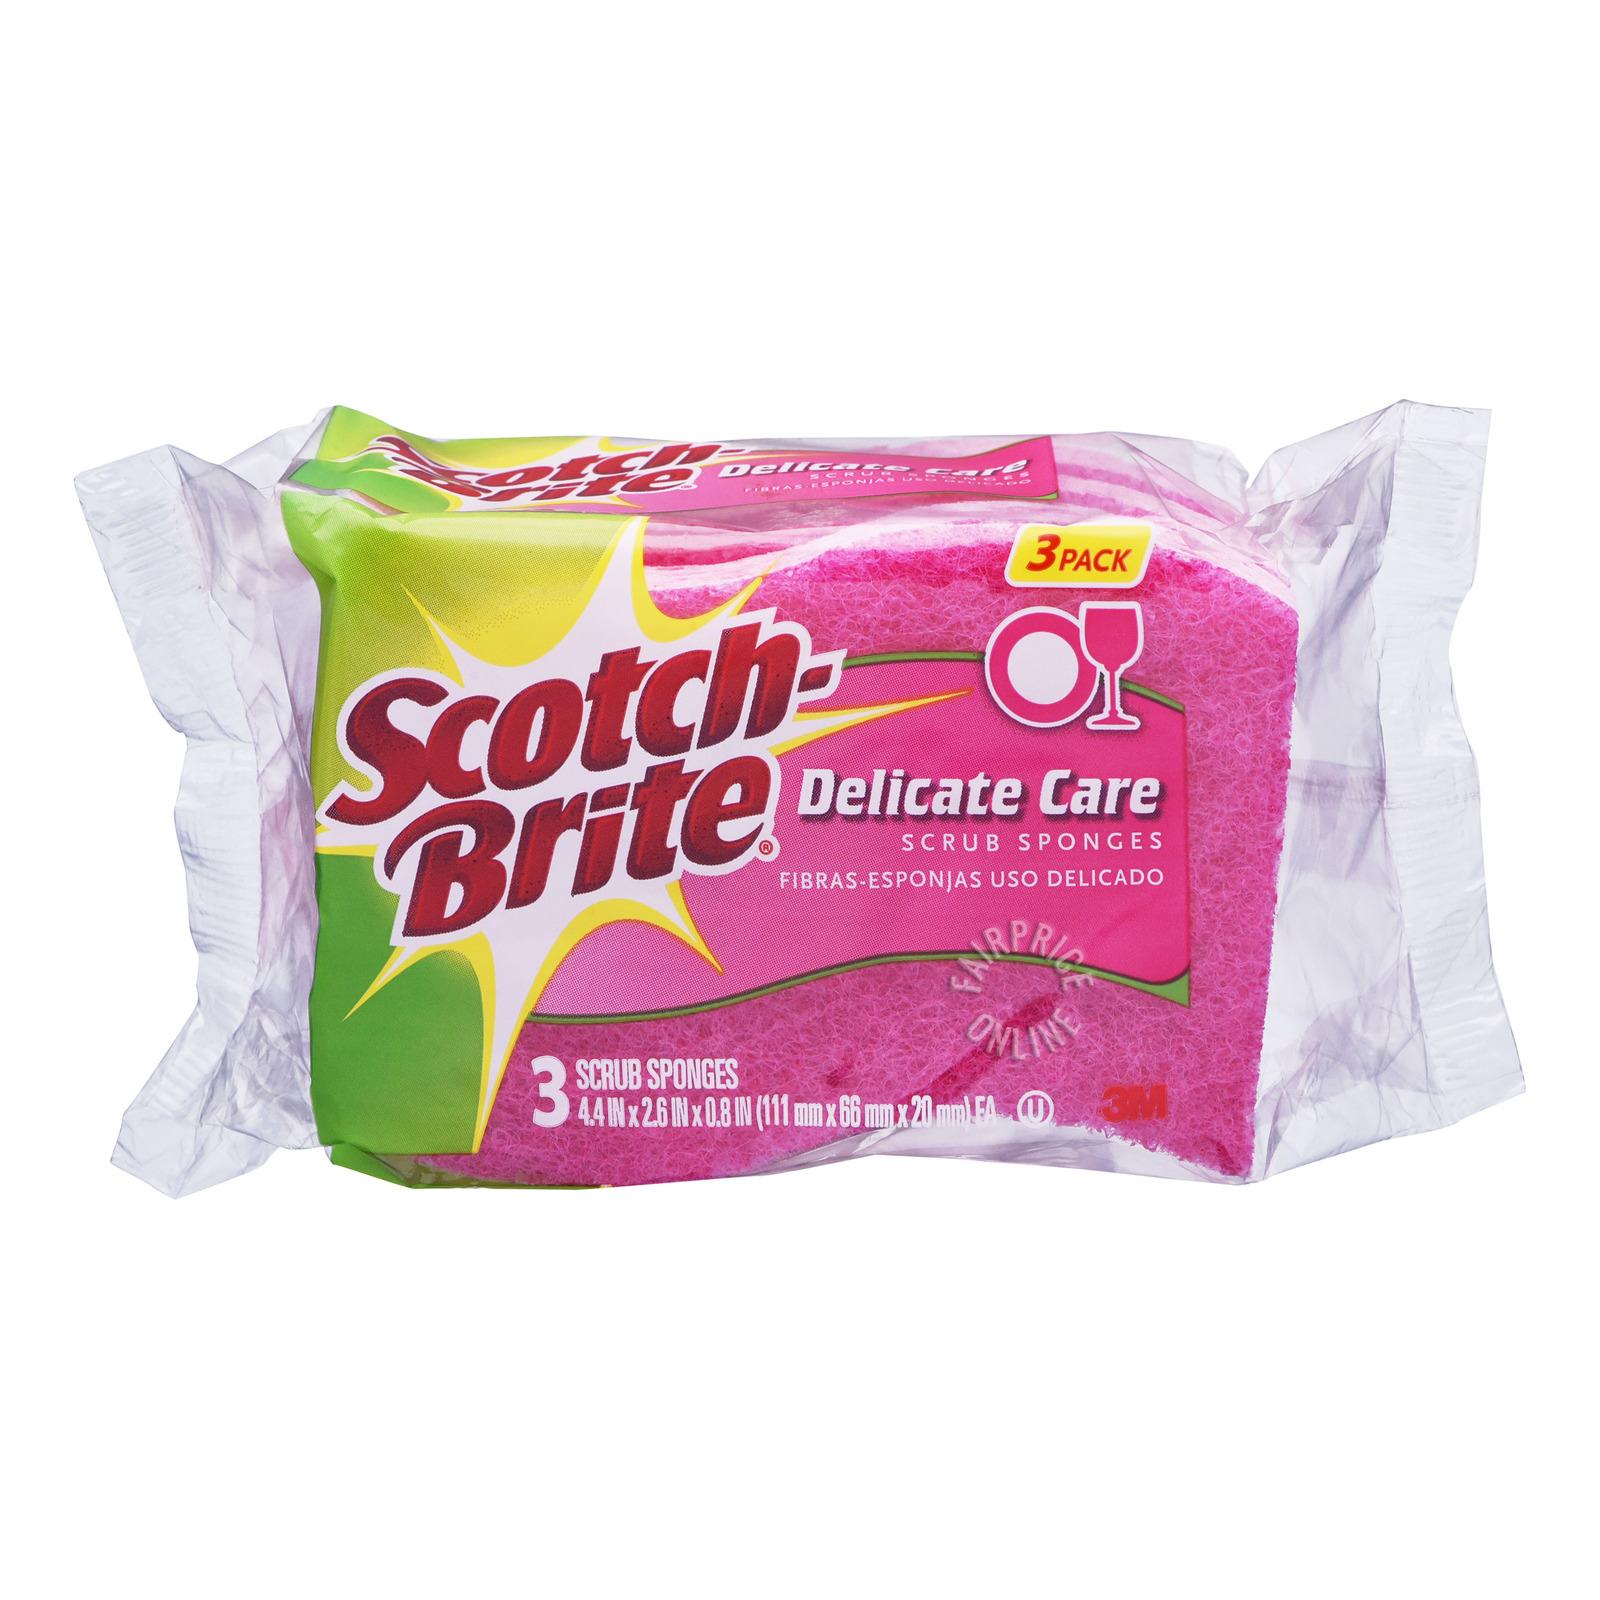 3M Scotch-Brite Scrub Sponges - Delicate Care (Pink)